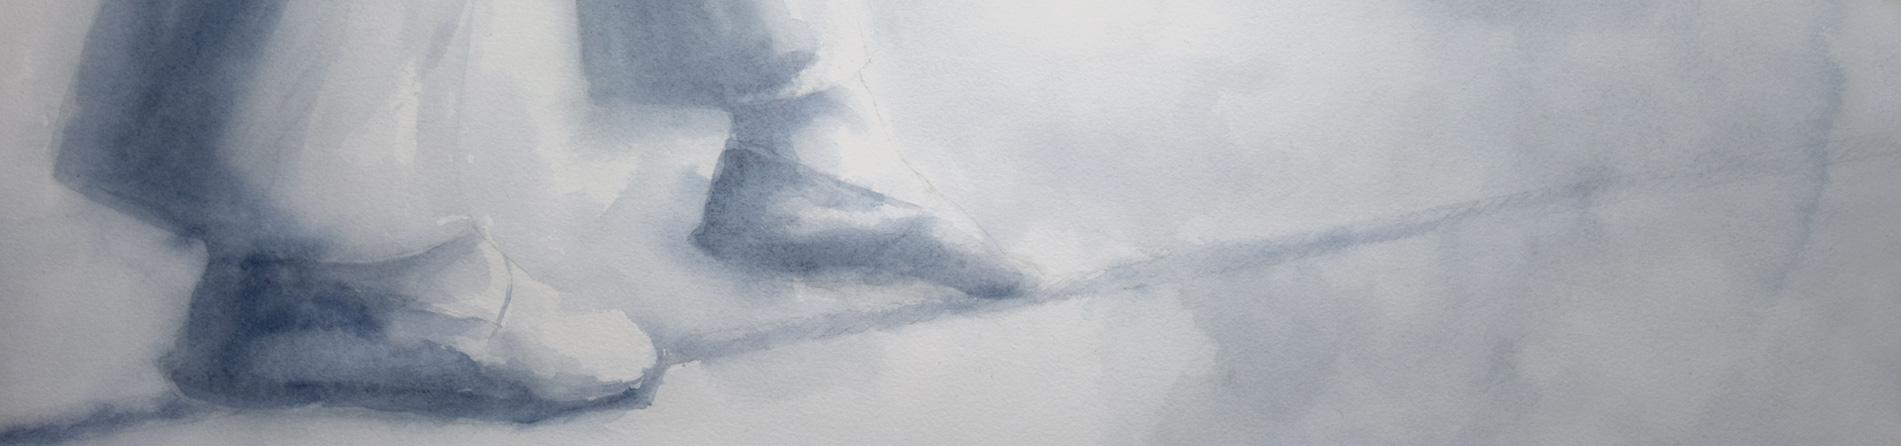 Thierry Seurre, Artiste peintre. Qué